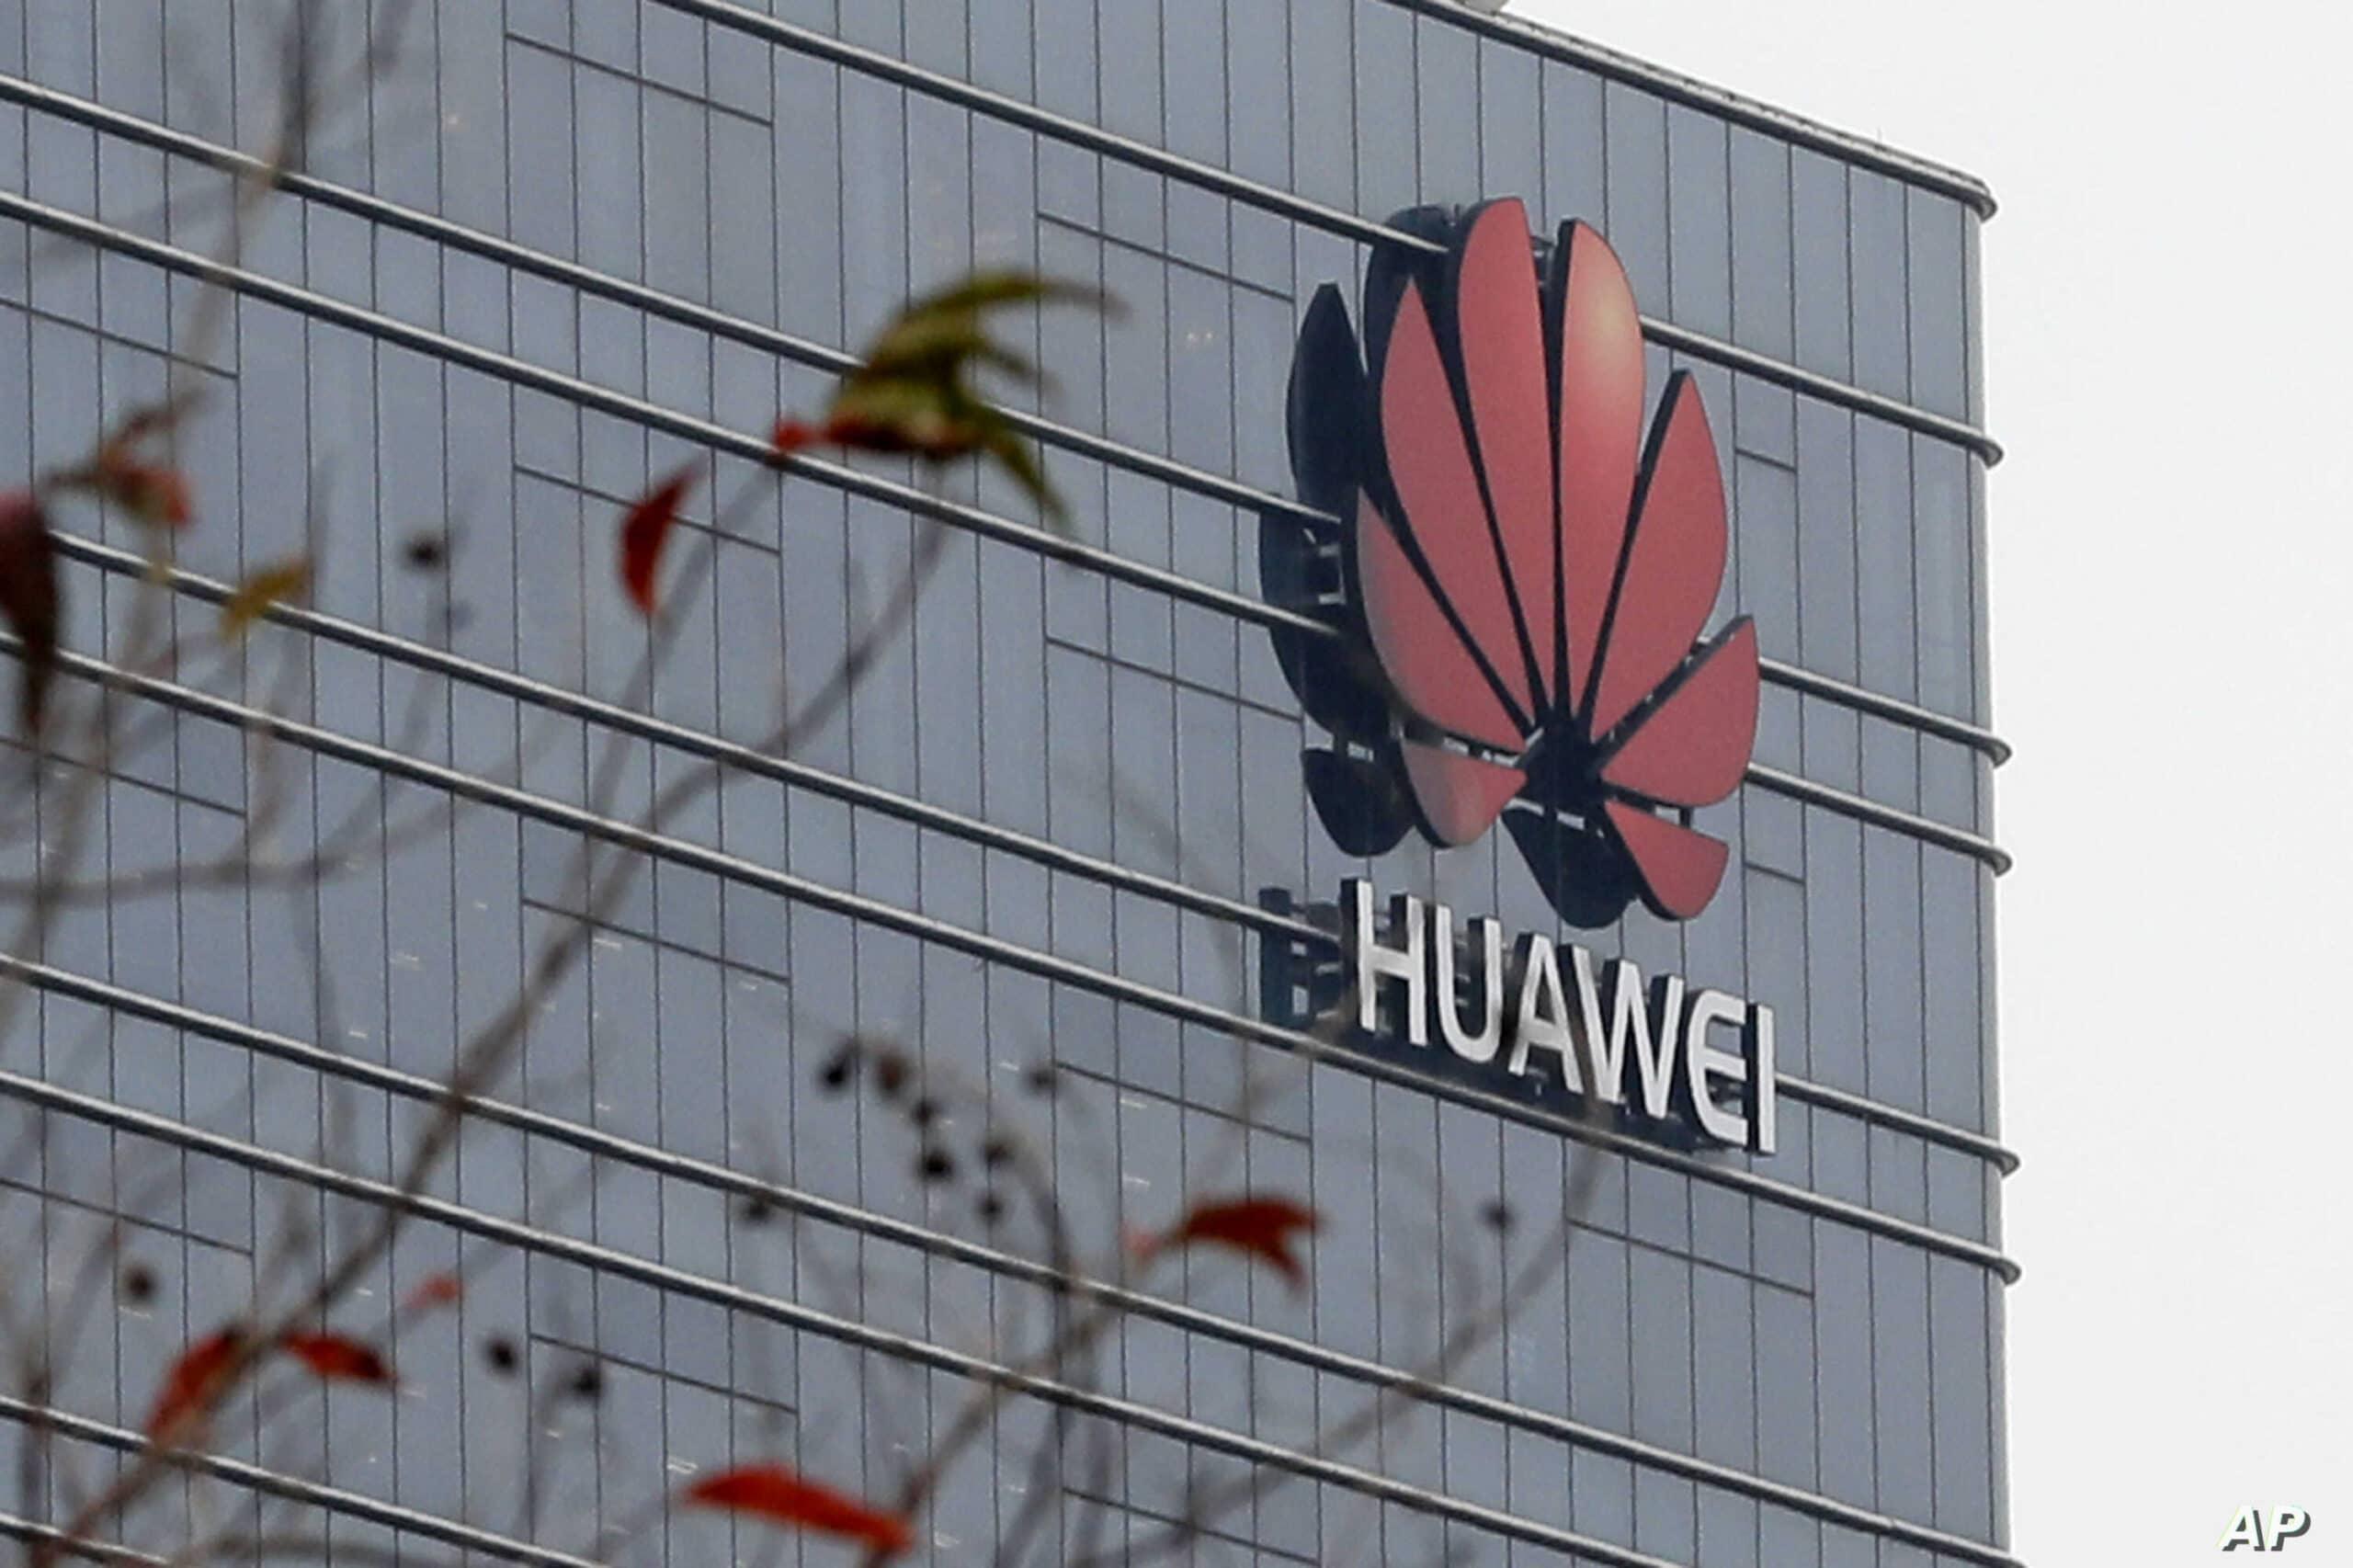 إدارة بايدن تحث الإمارات على استبعاد شركة هواوي Huawei الصينية من منظومتها للاتصالات